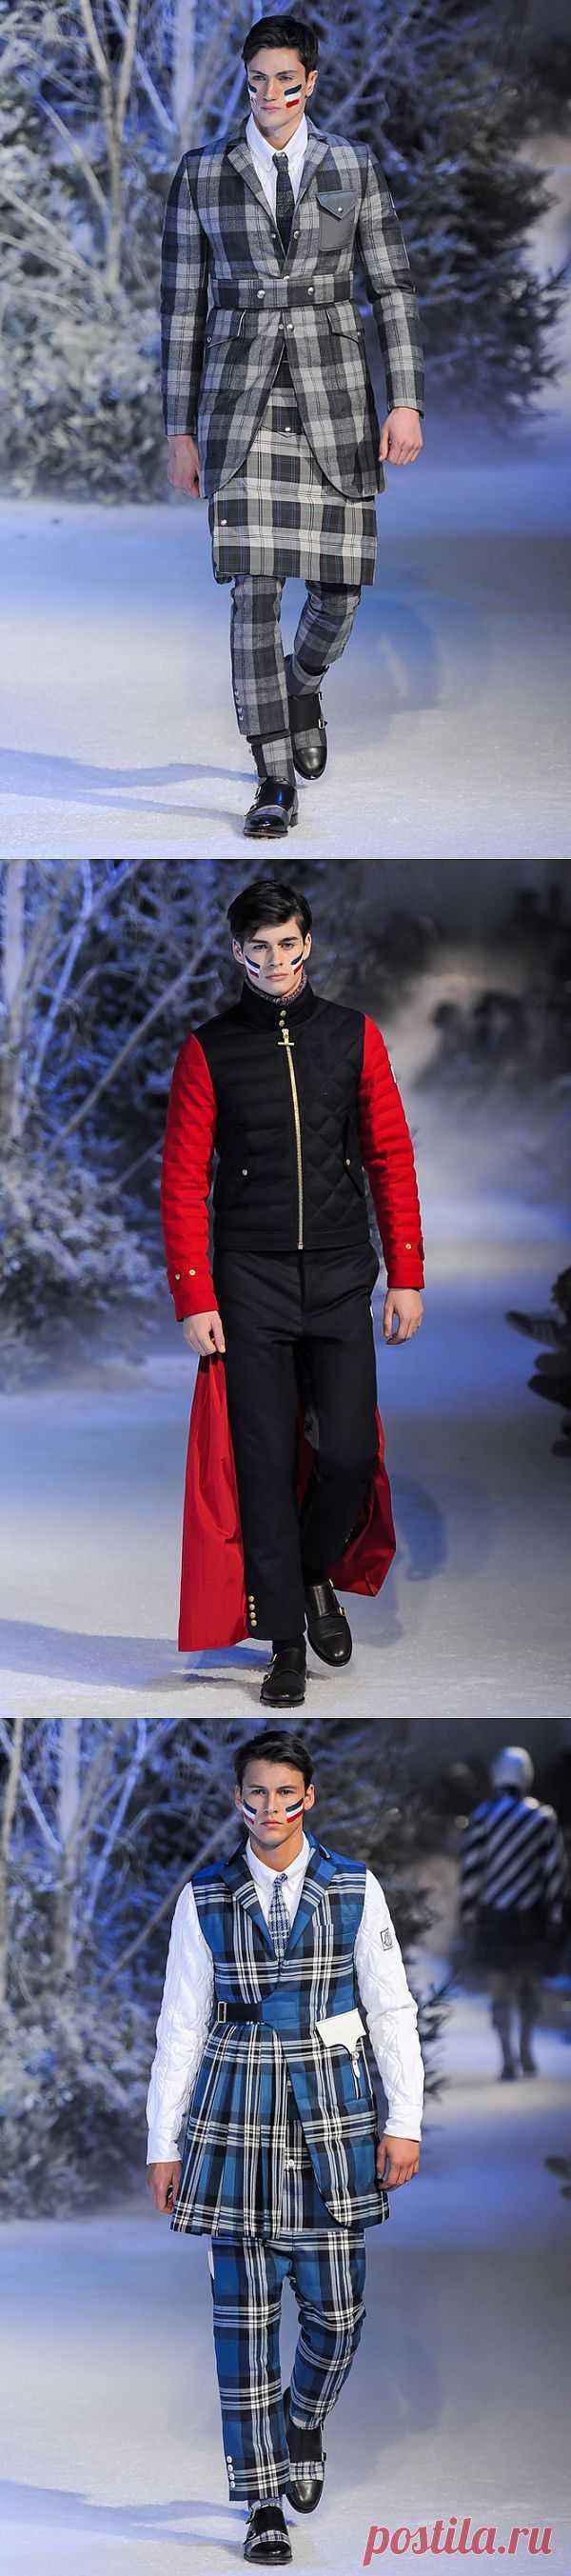 Коллекция Moncler Gamme Bleu (трафик) / Мужская мода / Модный сайт о стильной переделке одежды и интерьера